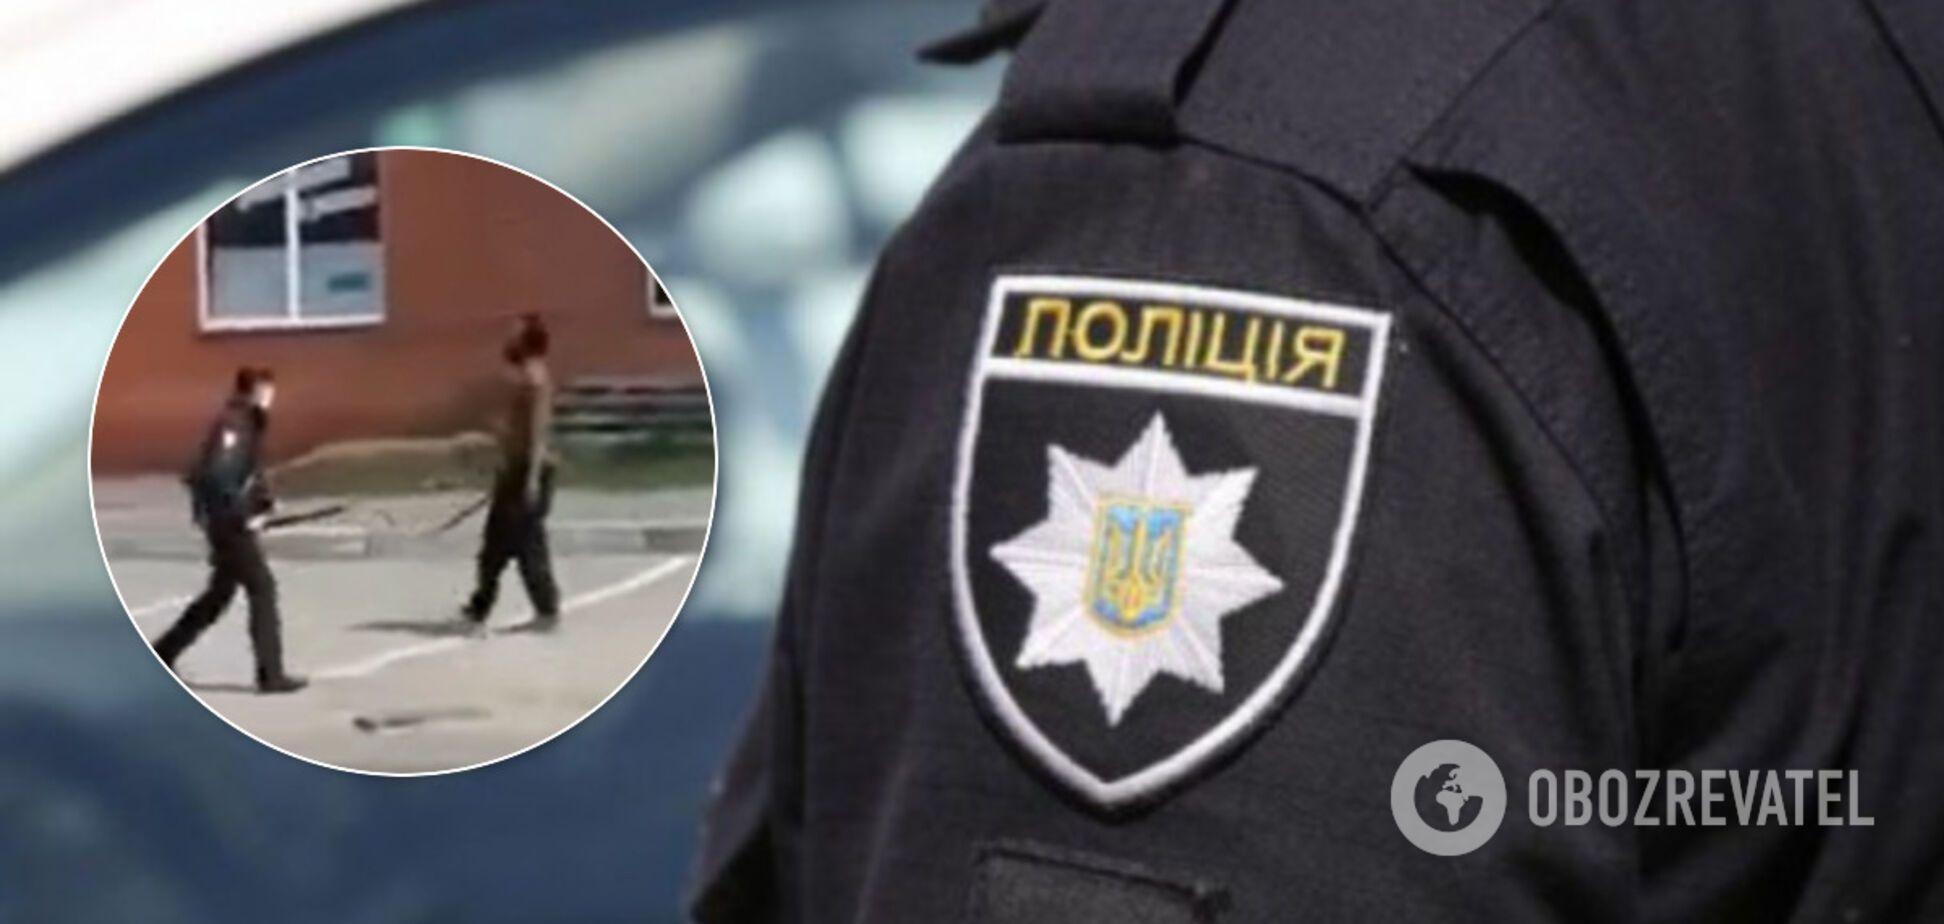 У Харкові іноземець побив поліцейського через масковий режим. Інцидент потрапив на відео